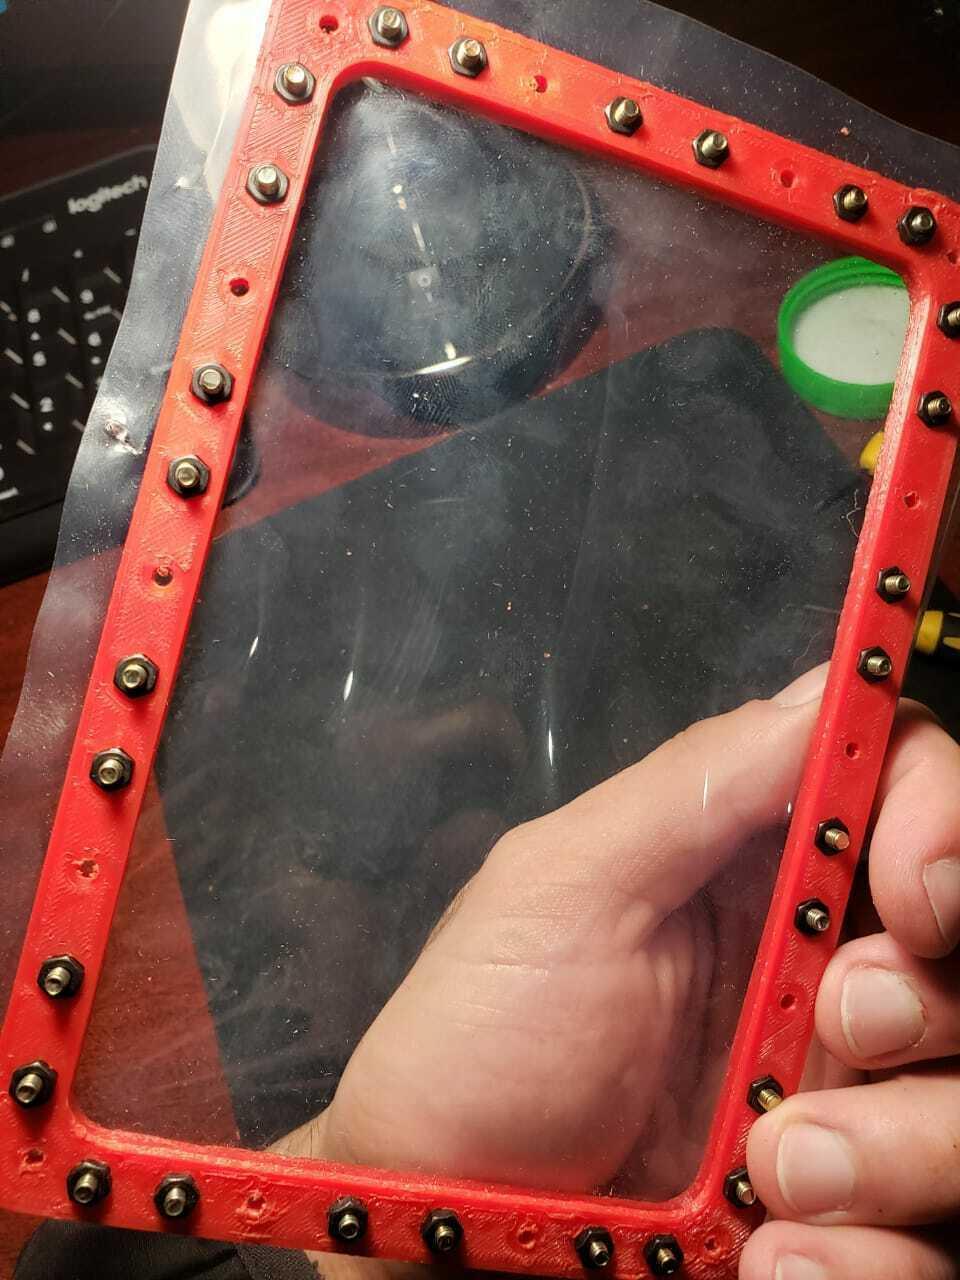 Télécharger fichier STL Photon Mono FEP Anycubic • Plan imprimable en 3D, yorshot69